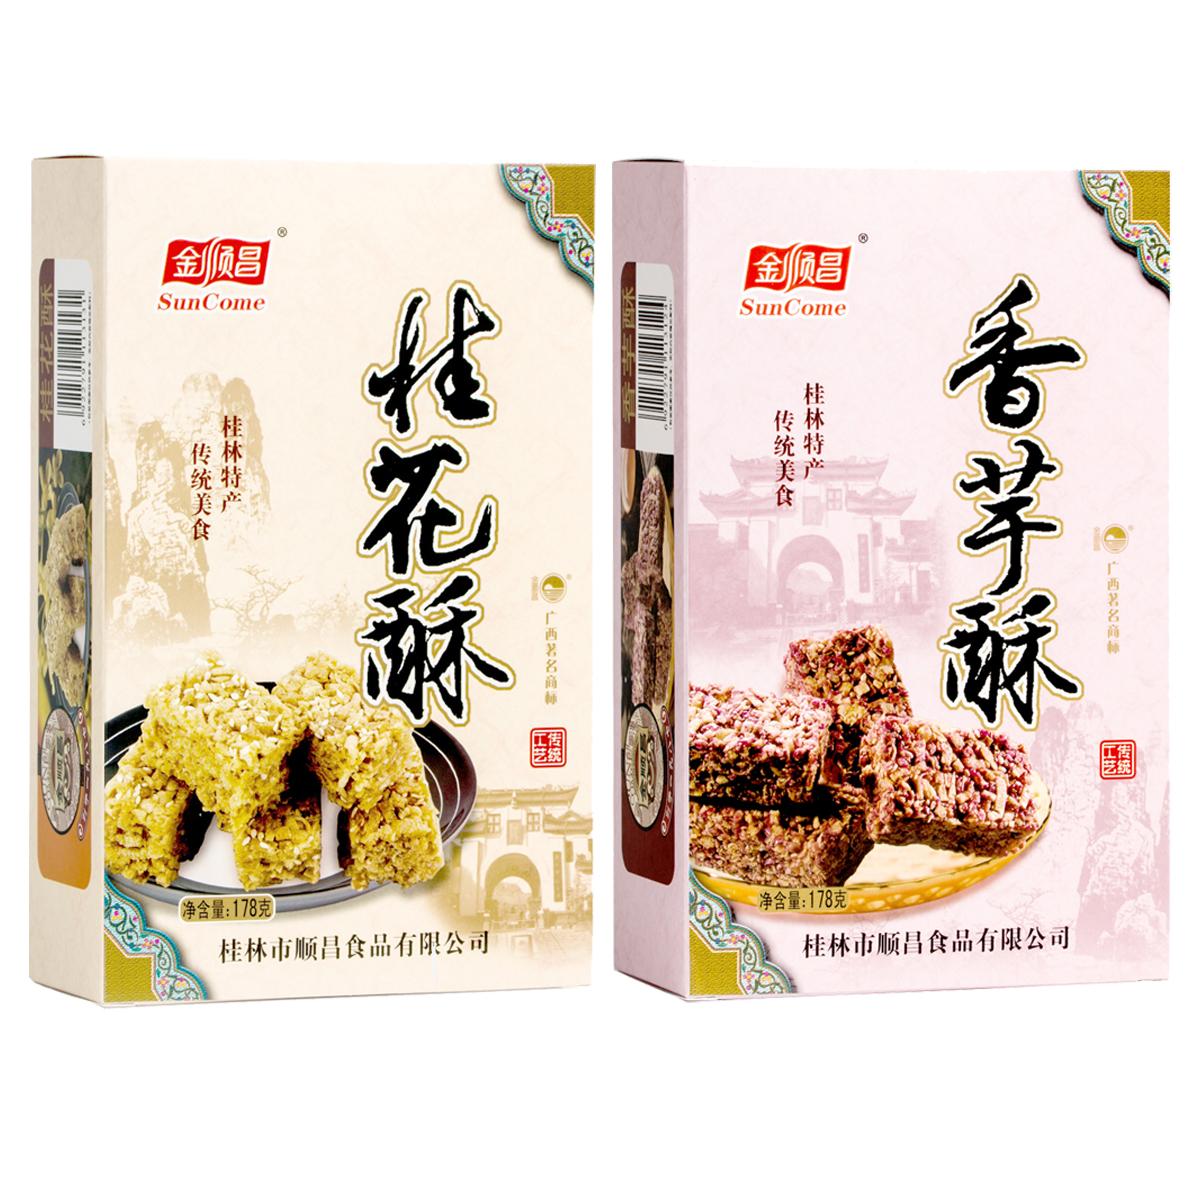 桂林特产金顺昌桂花酥香芋酥178g酥糖 美食地方特色零食小吃